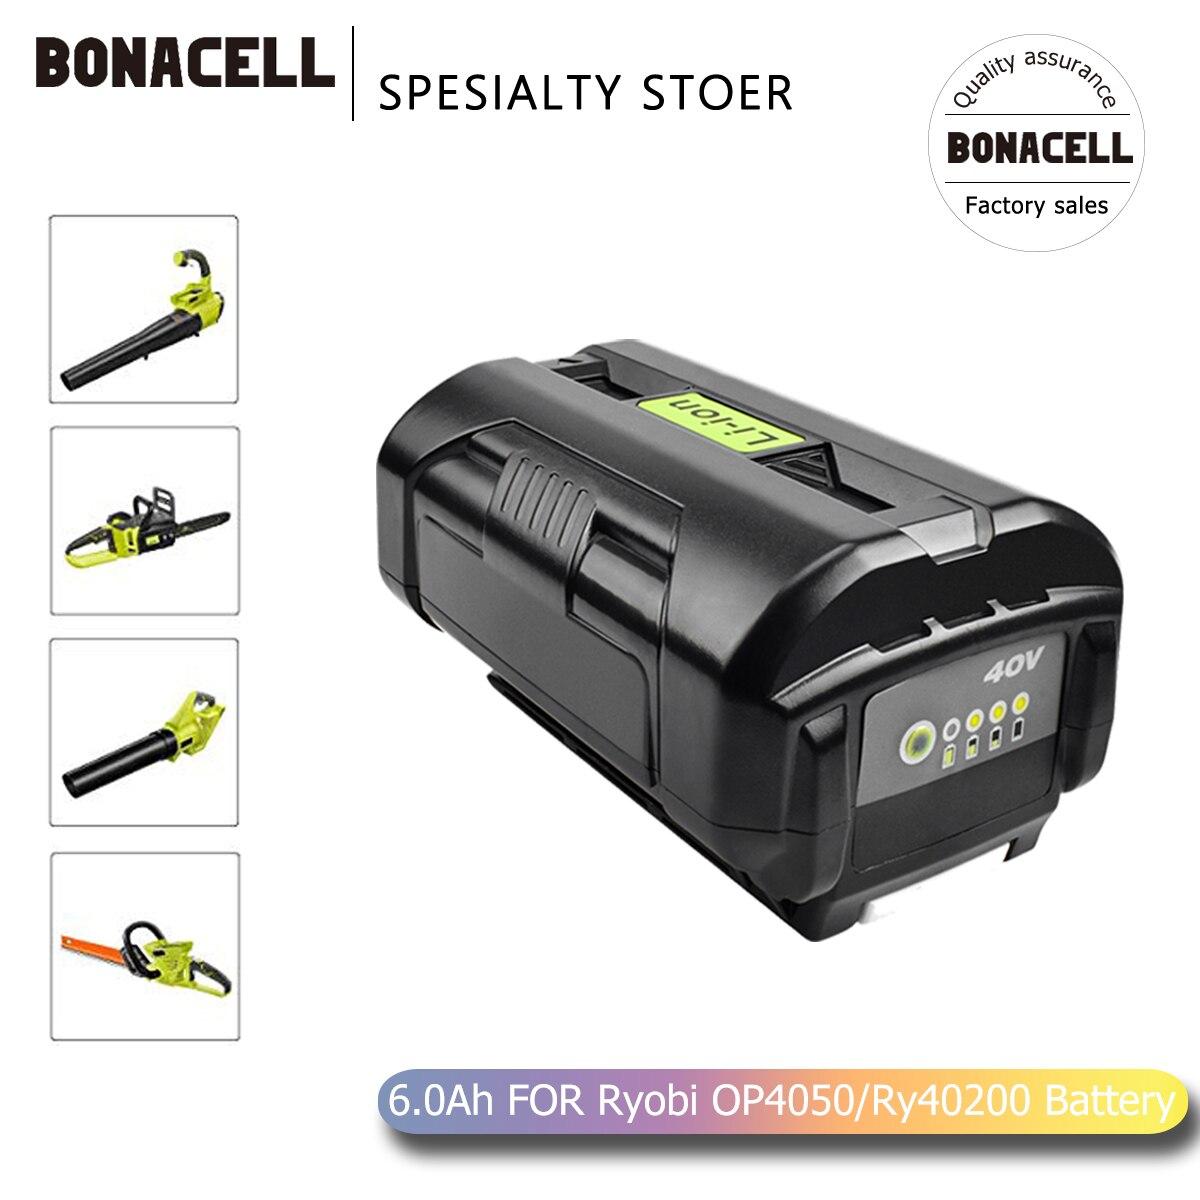 Bonacell 6000mAh 40V بطارية ليثيوم أيون OP40401 OP4050A ل Ryobi RY40502 RY40200 RY40400 استبدال البطارية L70